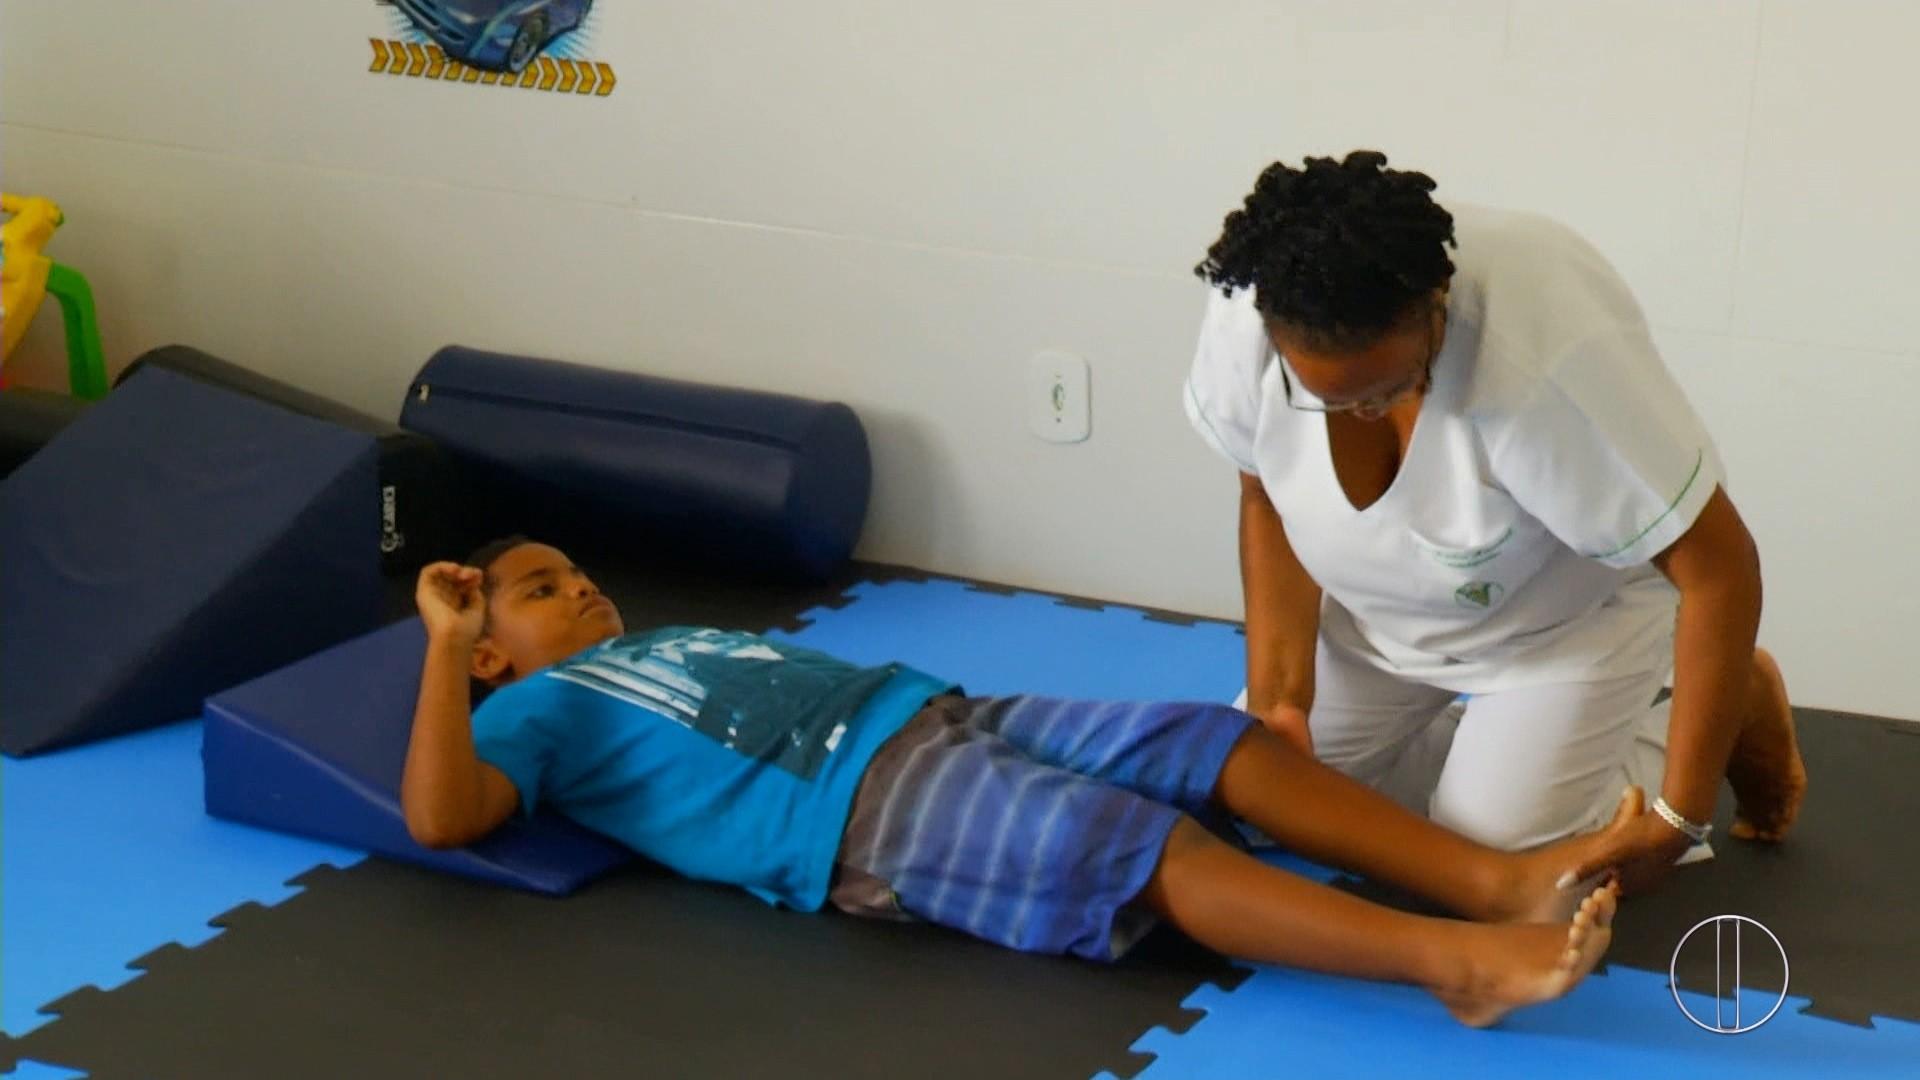 Centro de Reabilitação de Cabo Frio, RJ, começa ser utilizado após anos de espera